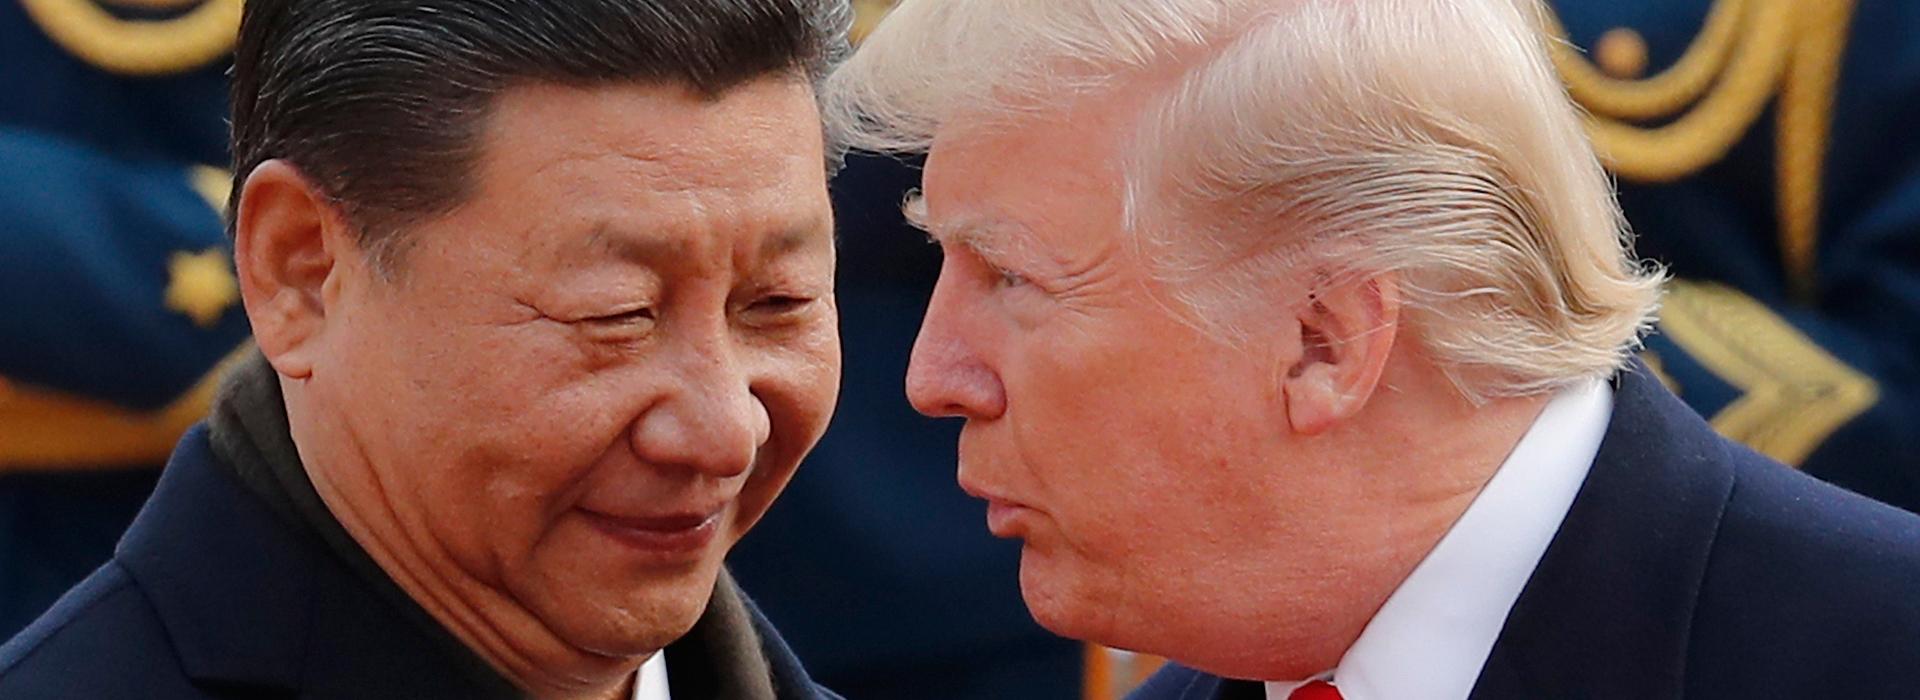 川普用一條法規惹毛世界 台灣恐再陷金融危機?